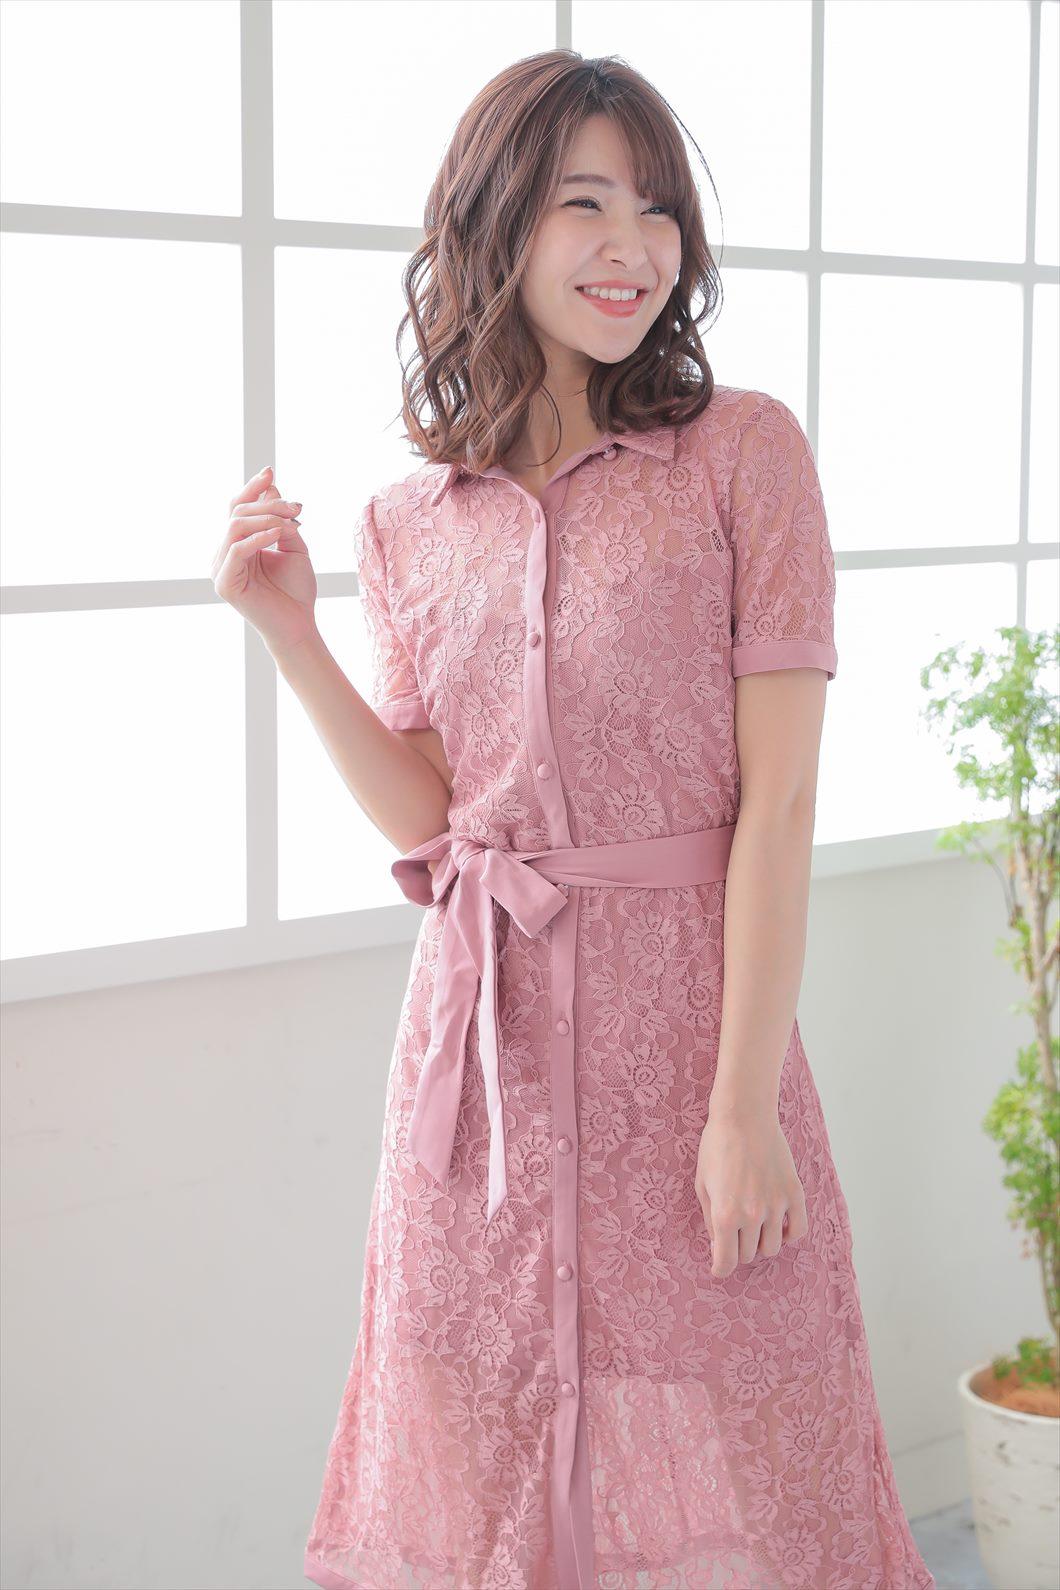 紅茶専門店でのアフタヌーンティーにおすすめの服装